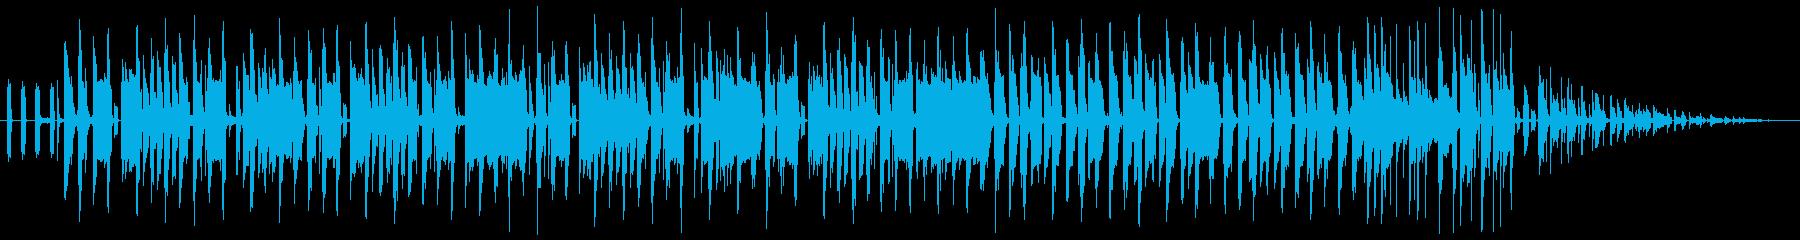 パンチの効いた重低音ベースサウンドの再生済みの波形